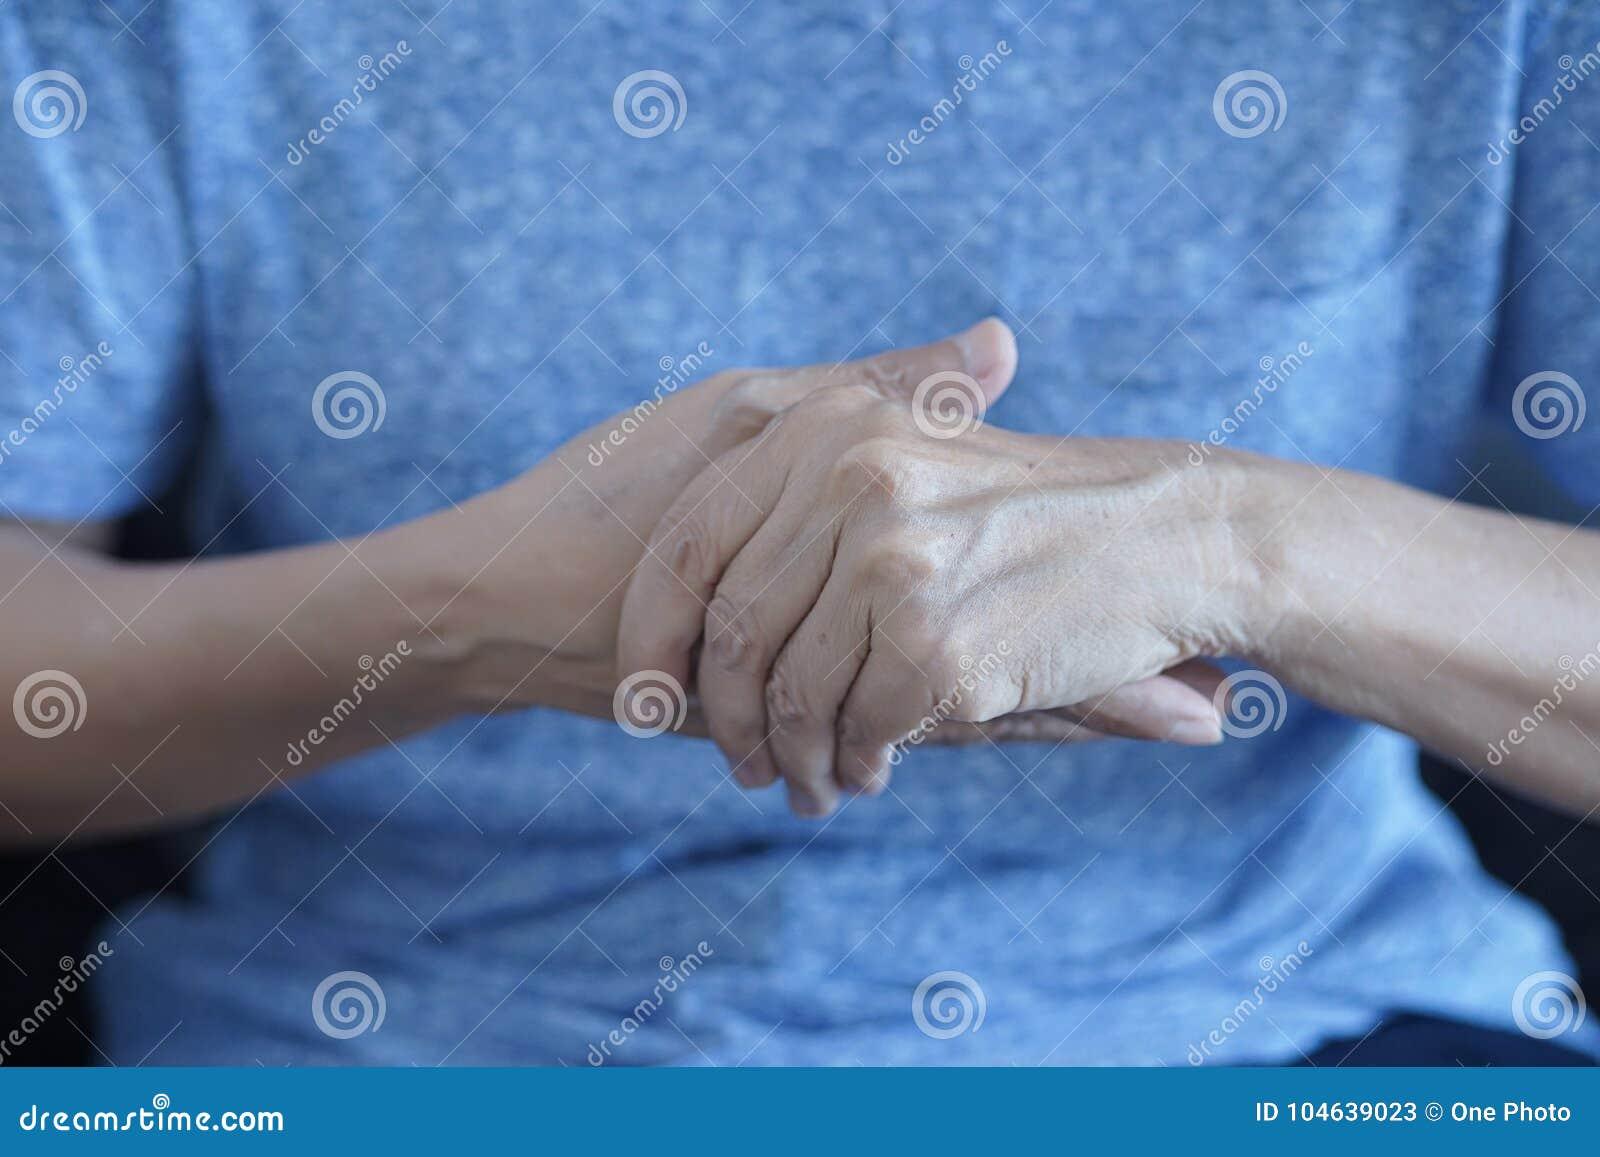 Download Artritis Oud Persoon En Bejaardewijfje Die Aan Pai Lijden Stock Afbeelding - Afbeelding bestaande uit handen, arts: 104639023